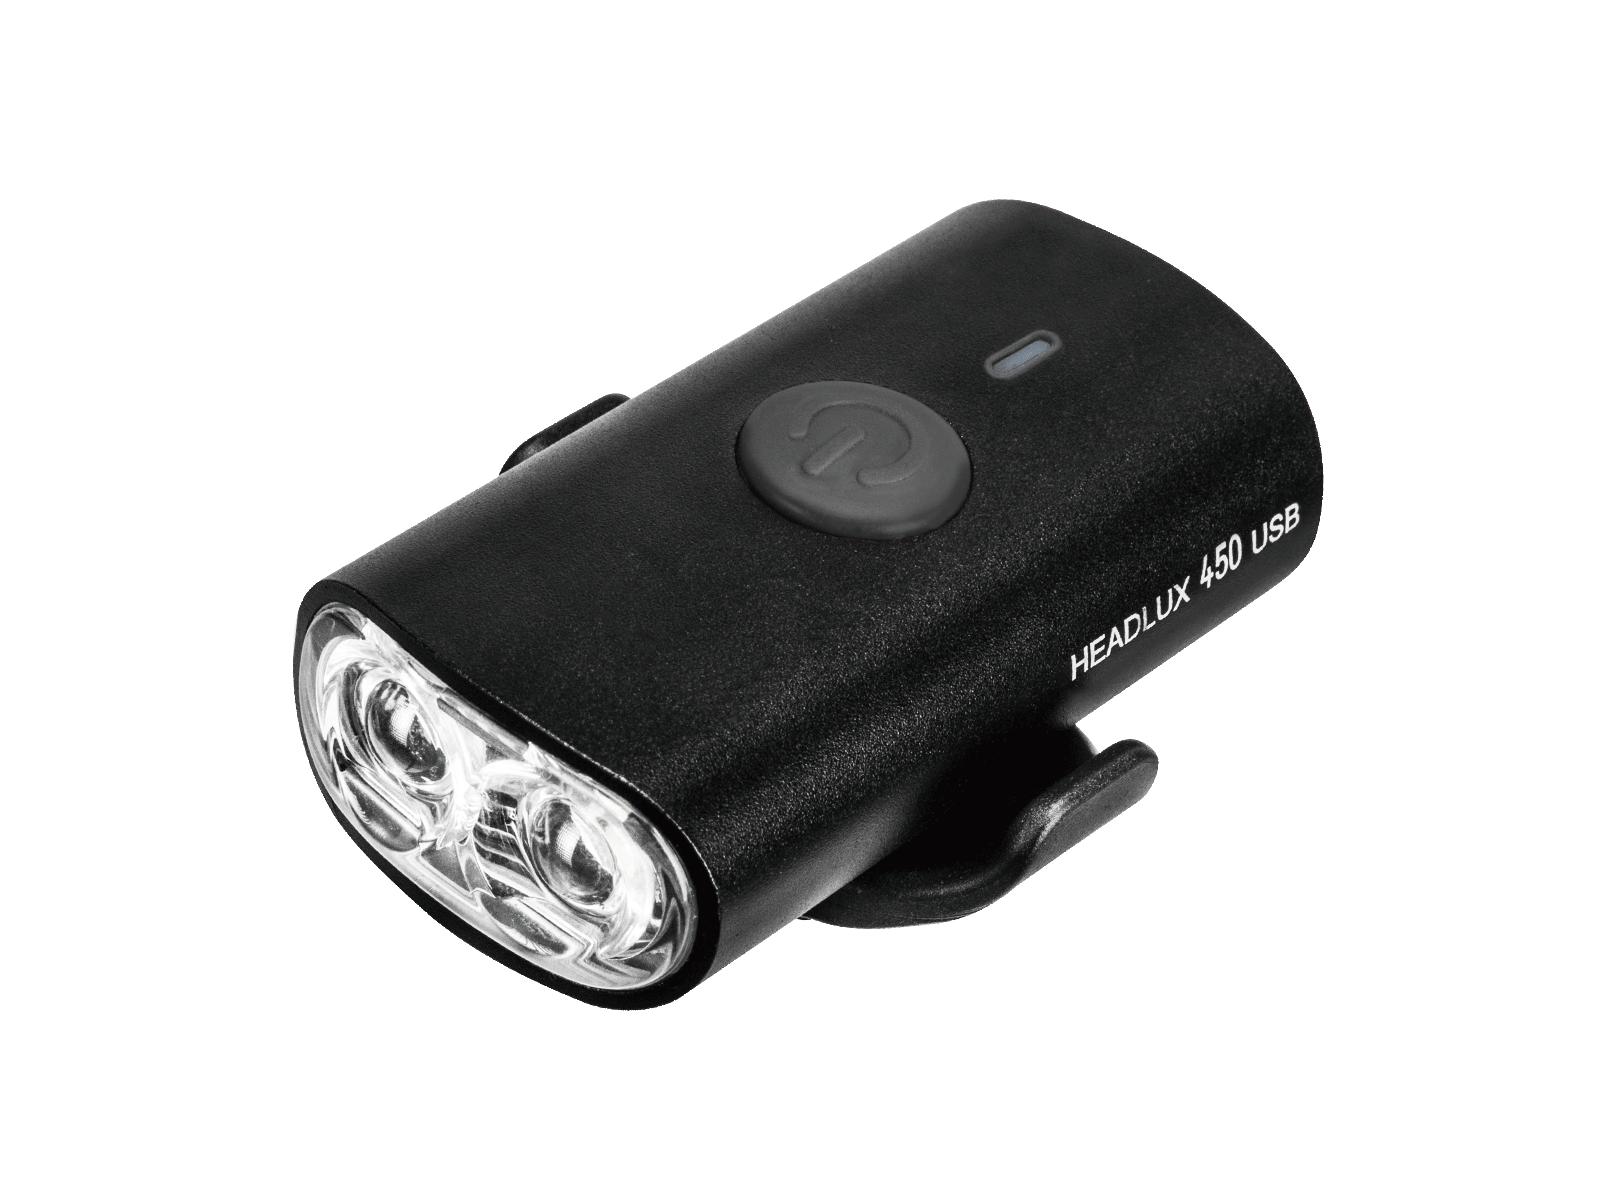 HEADLUX 450 USB